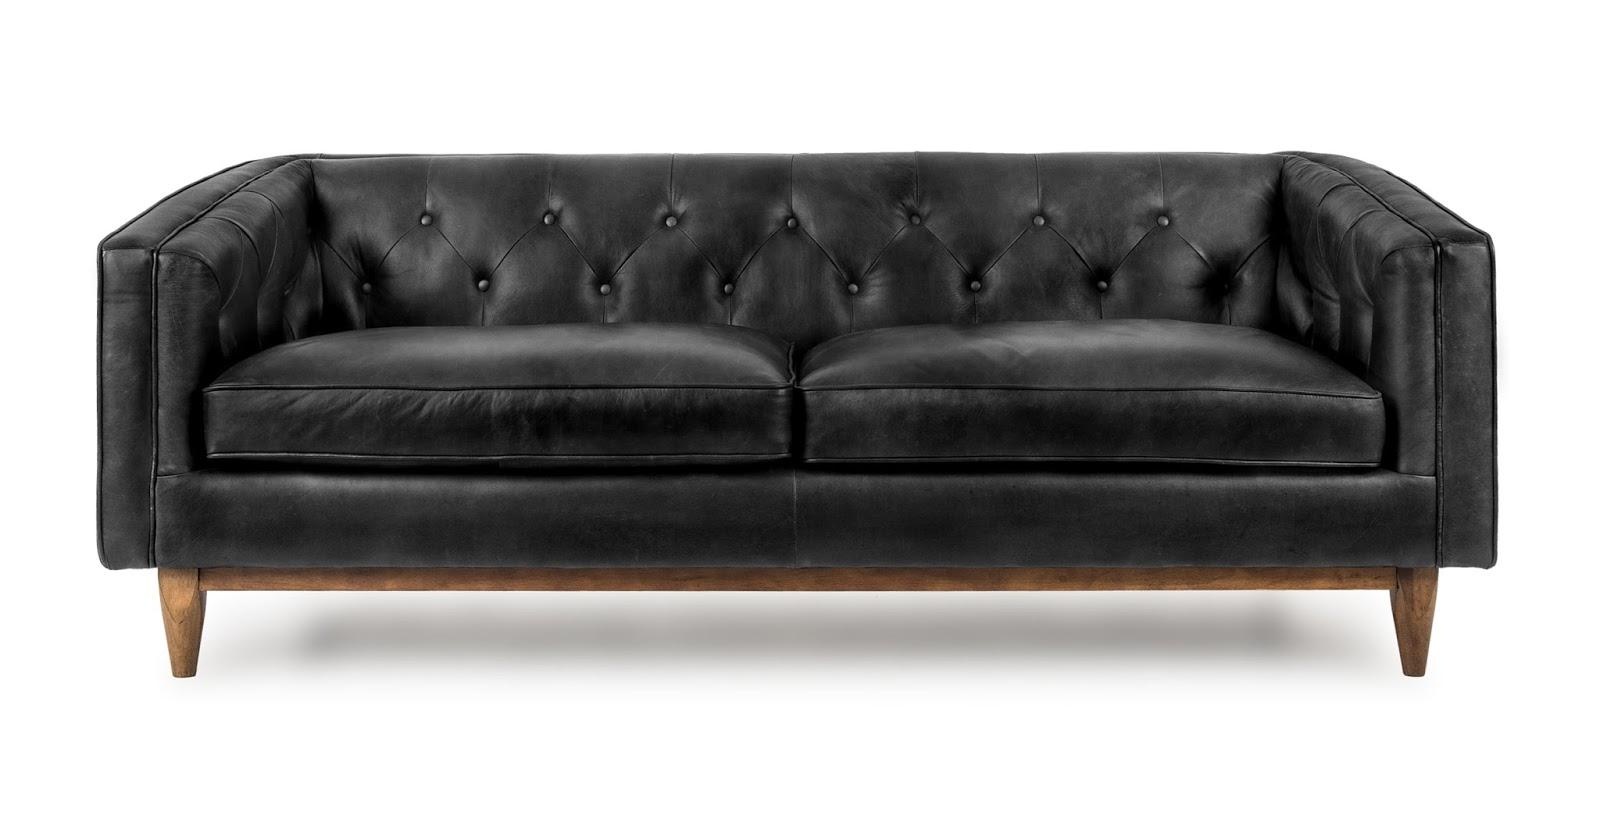 Avant Garde Design 6 Sofas